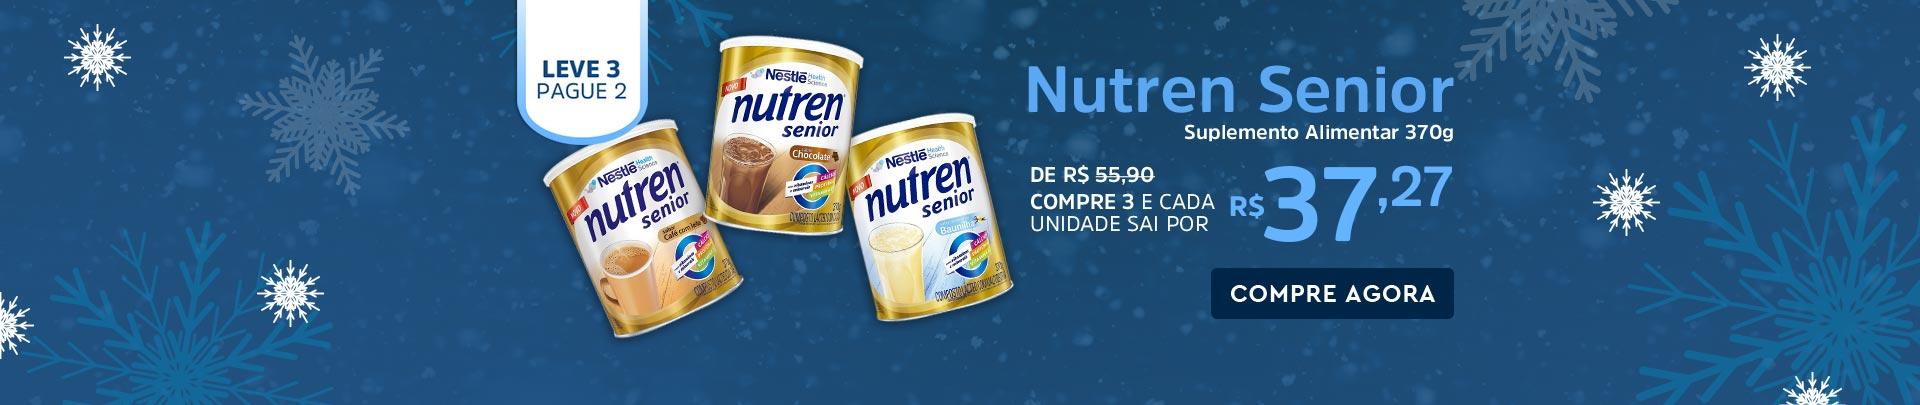 Nutren Senior